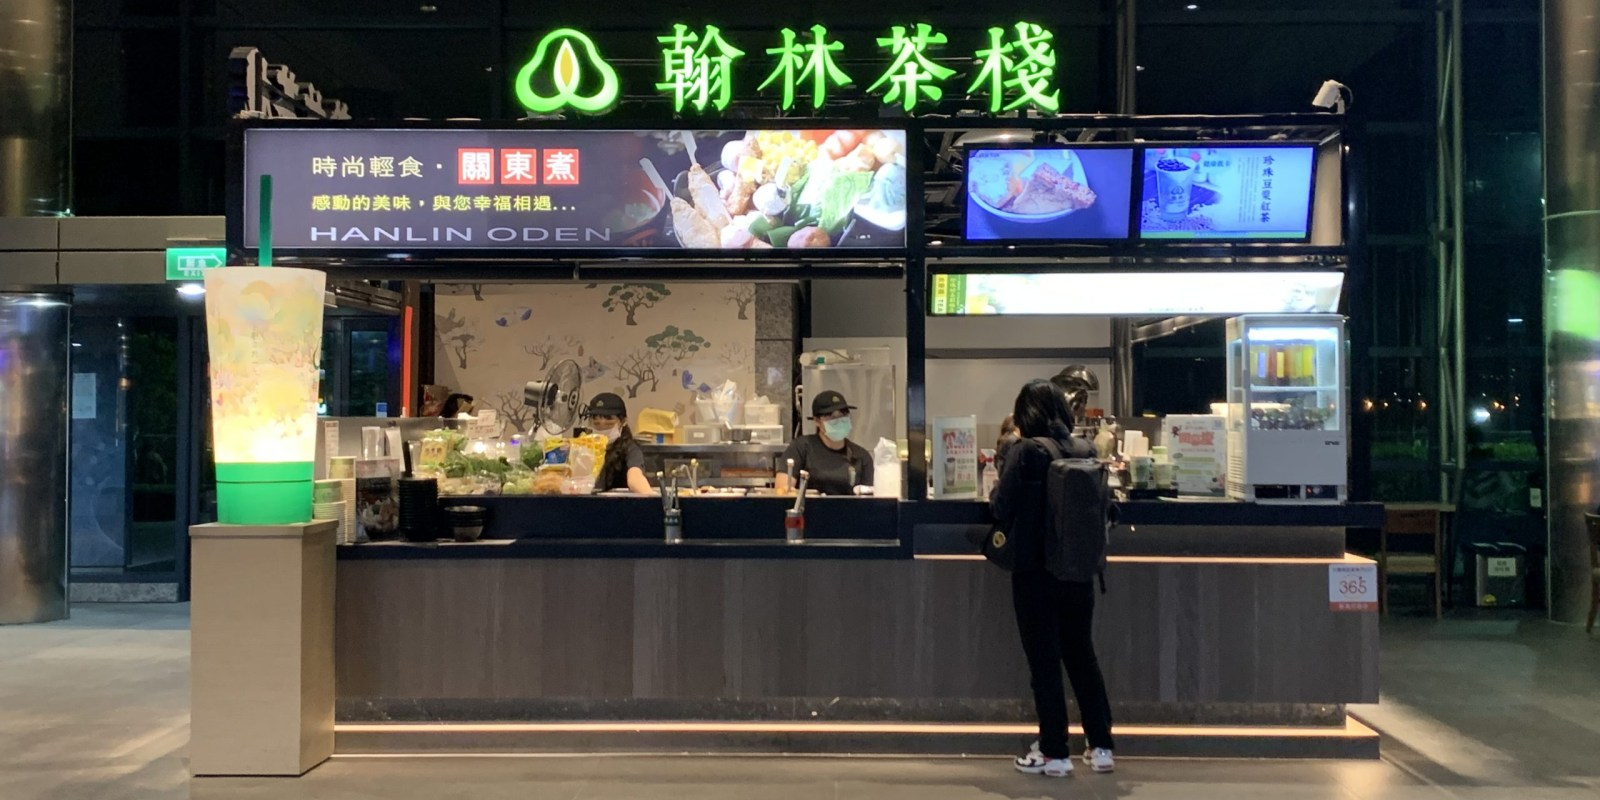 翰林茶館2021年菜單及分店資訊 (5月更新)